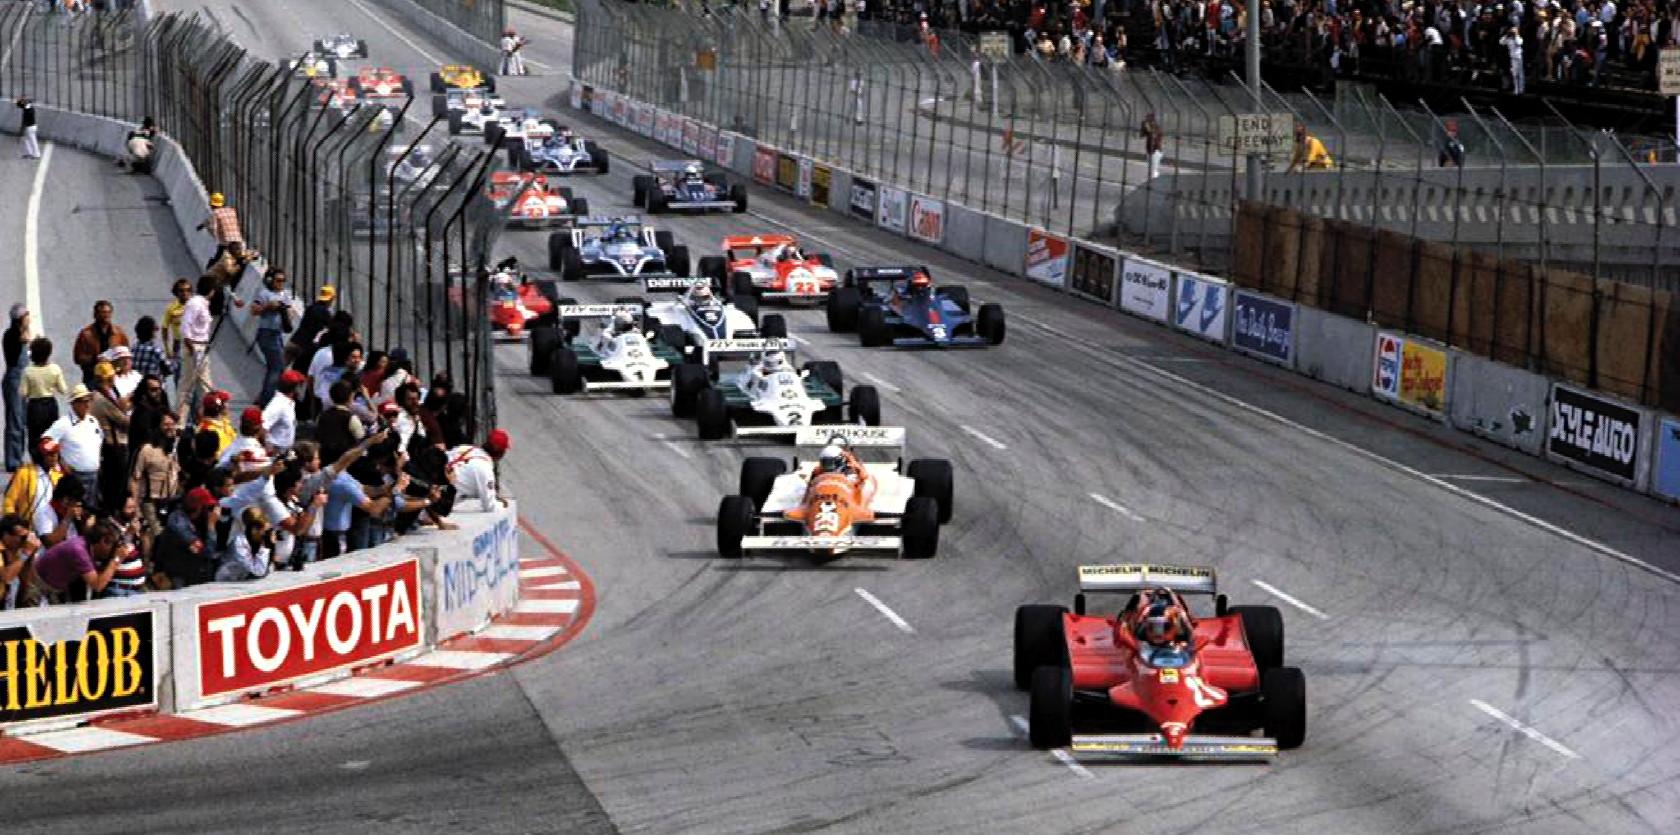 Старт Гран-при Лонг-Бич'81, самой первой гонки Чемпионата мира Ф1